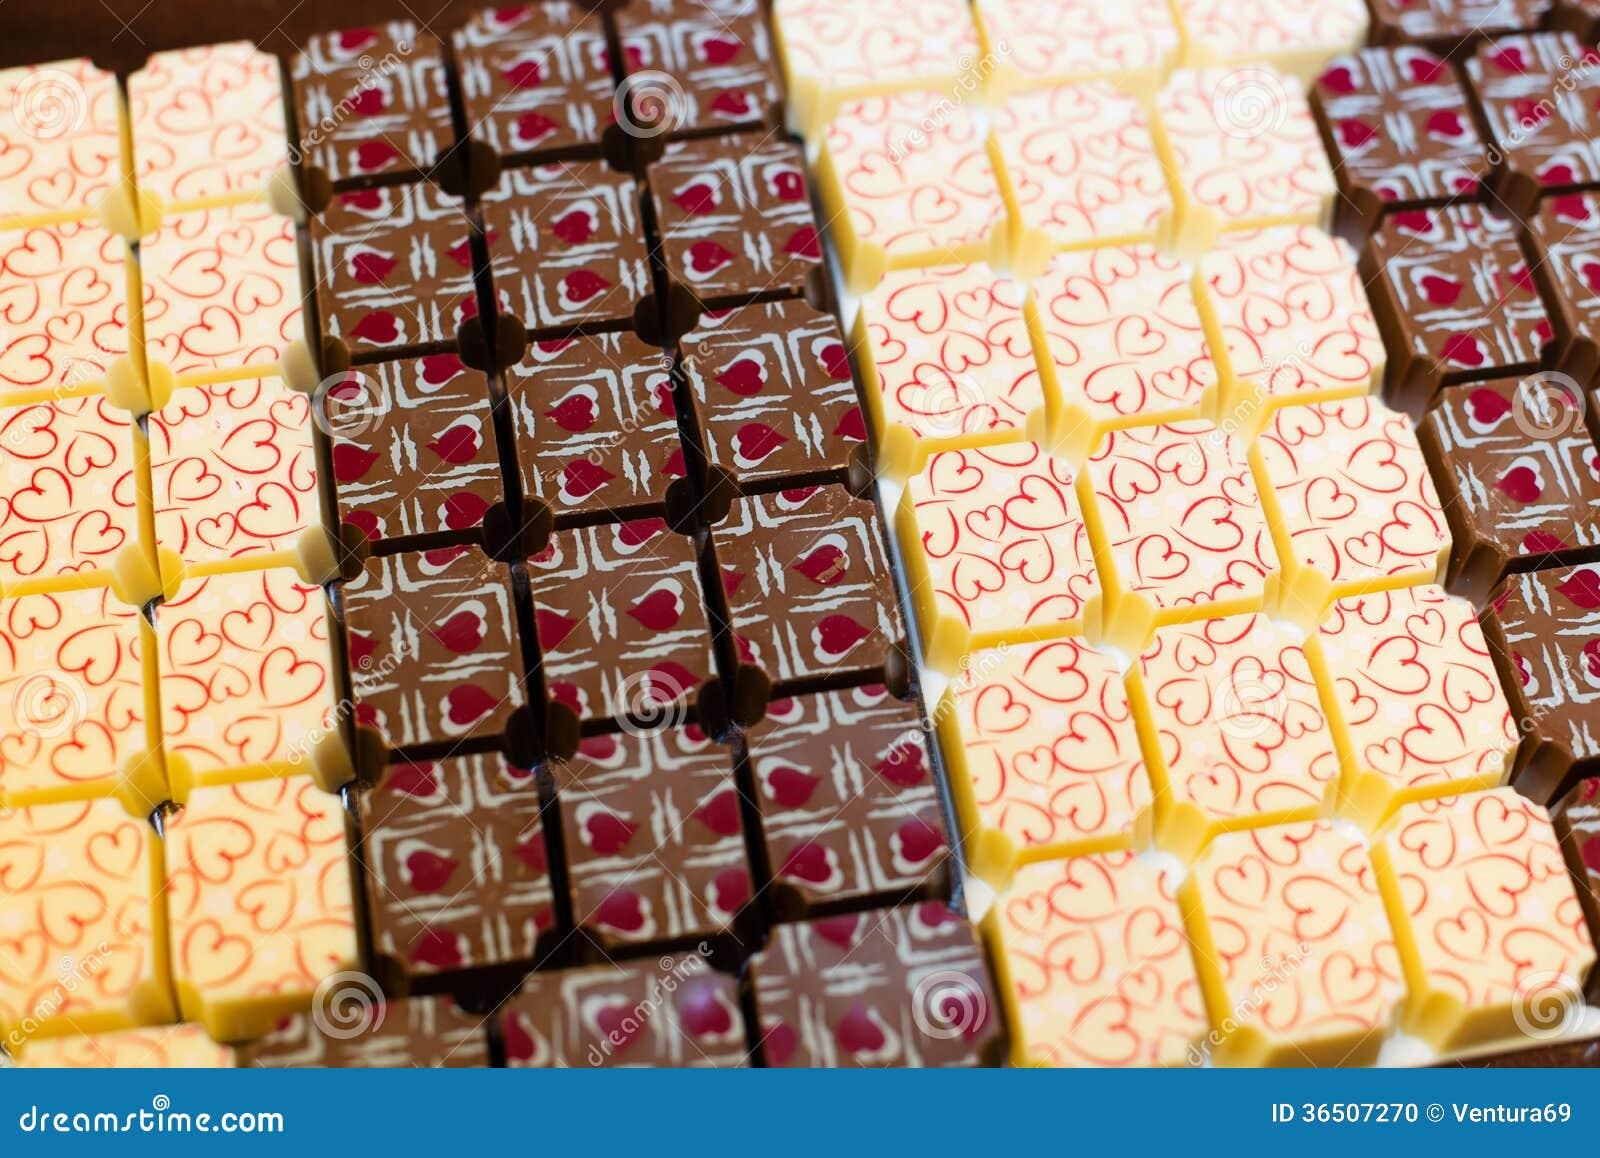 Bonbons à chocolat avec des coeurs